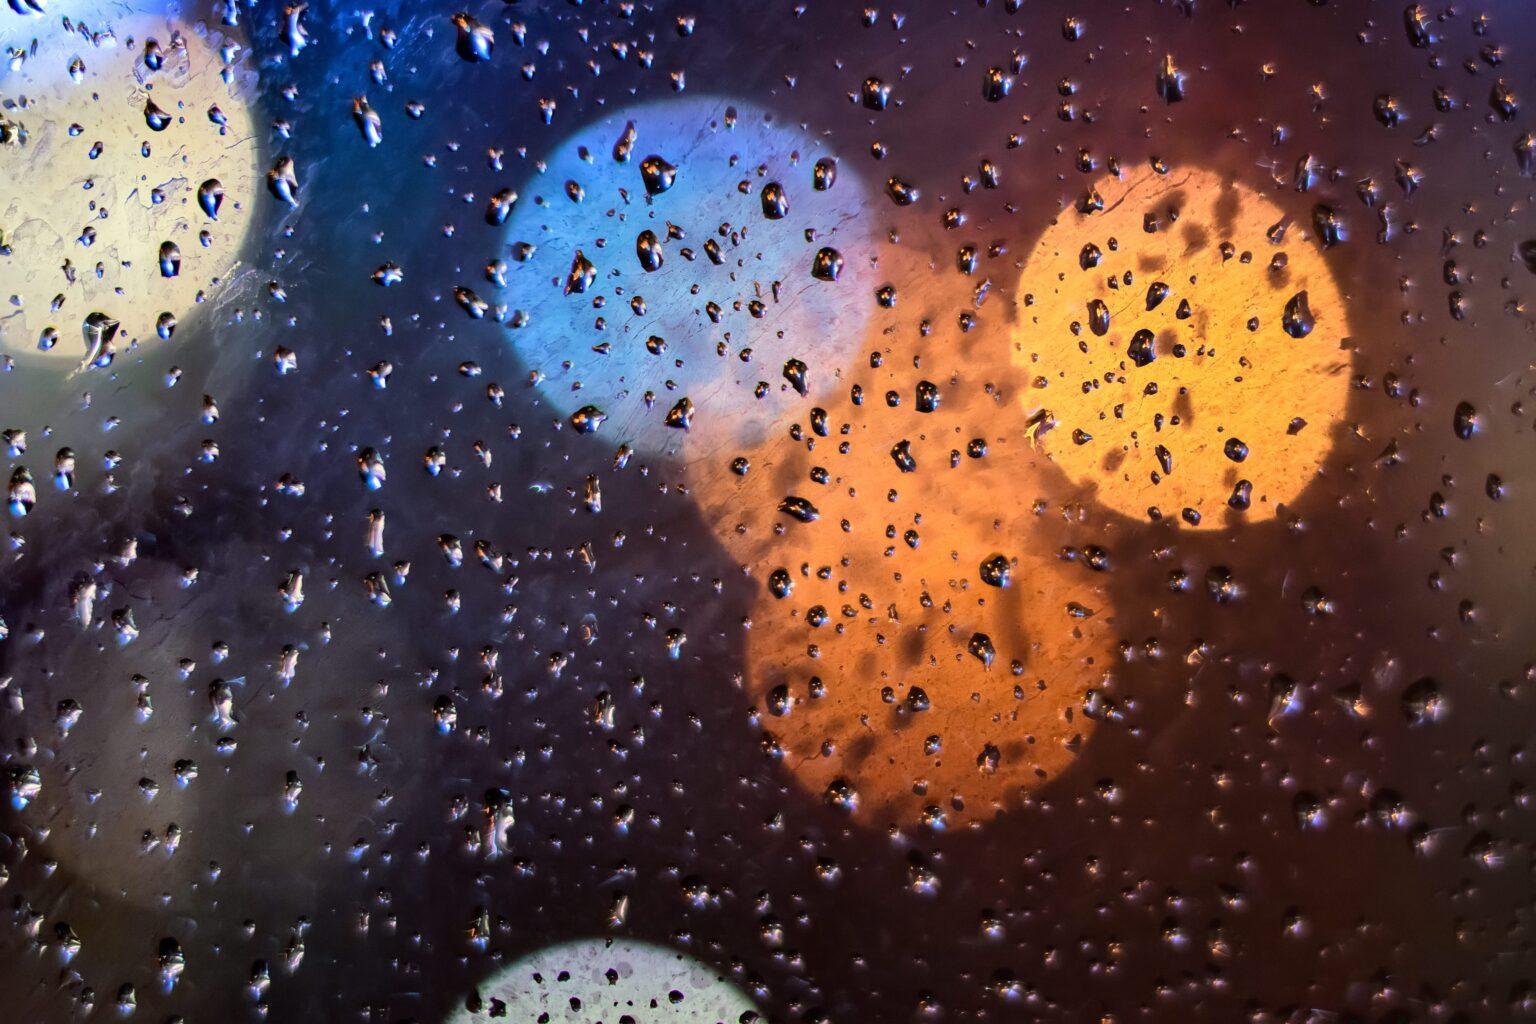 窓に雨が降っている写真